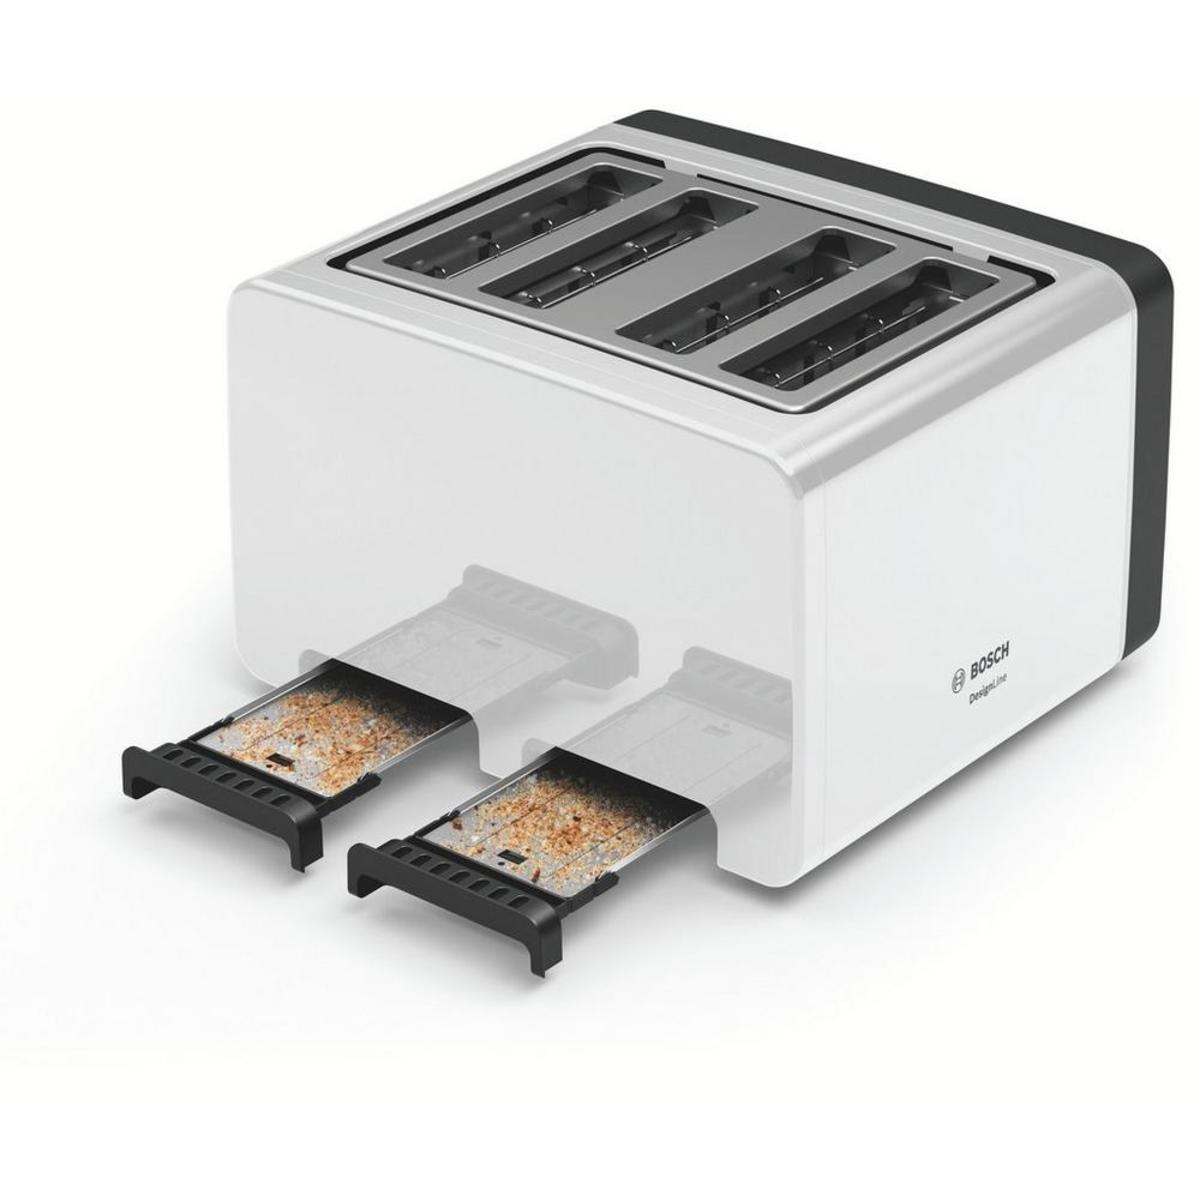 Beko TAM4341W 4 Slice Toaster, White